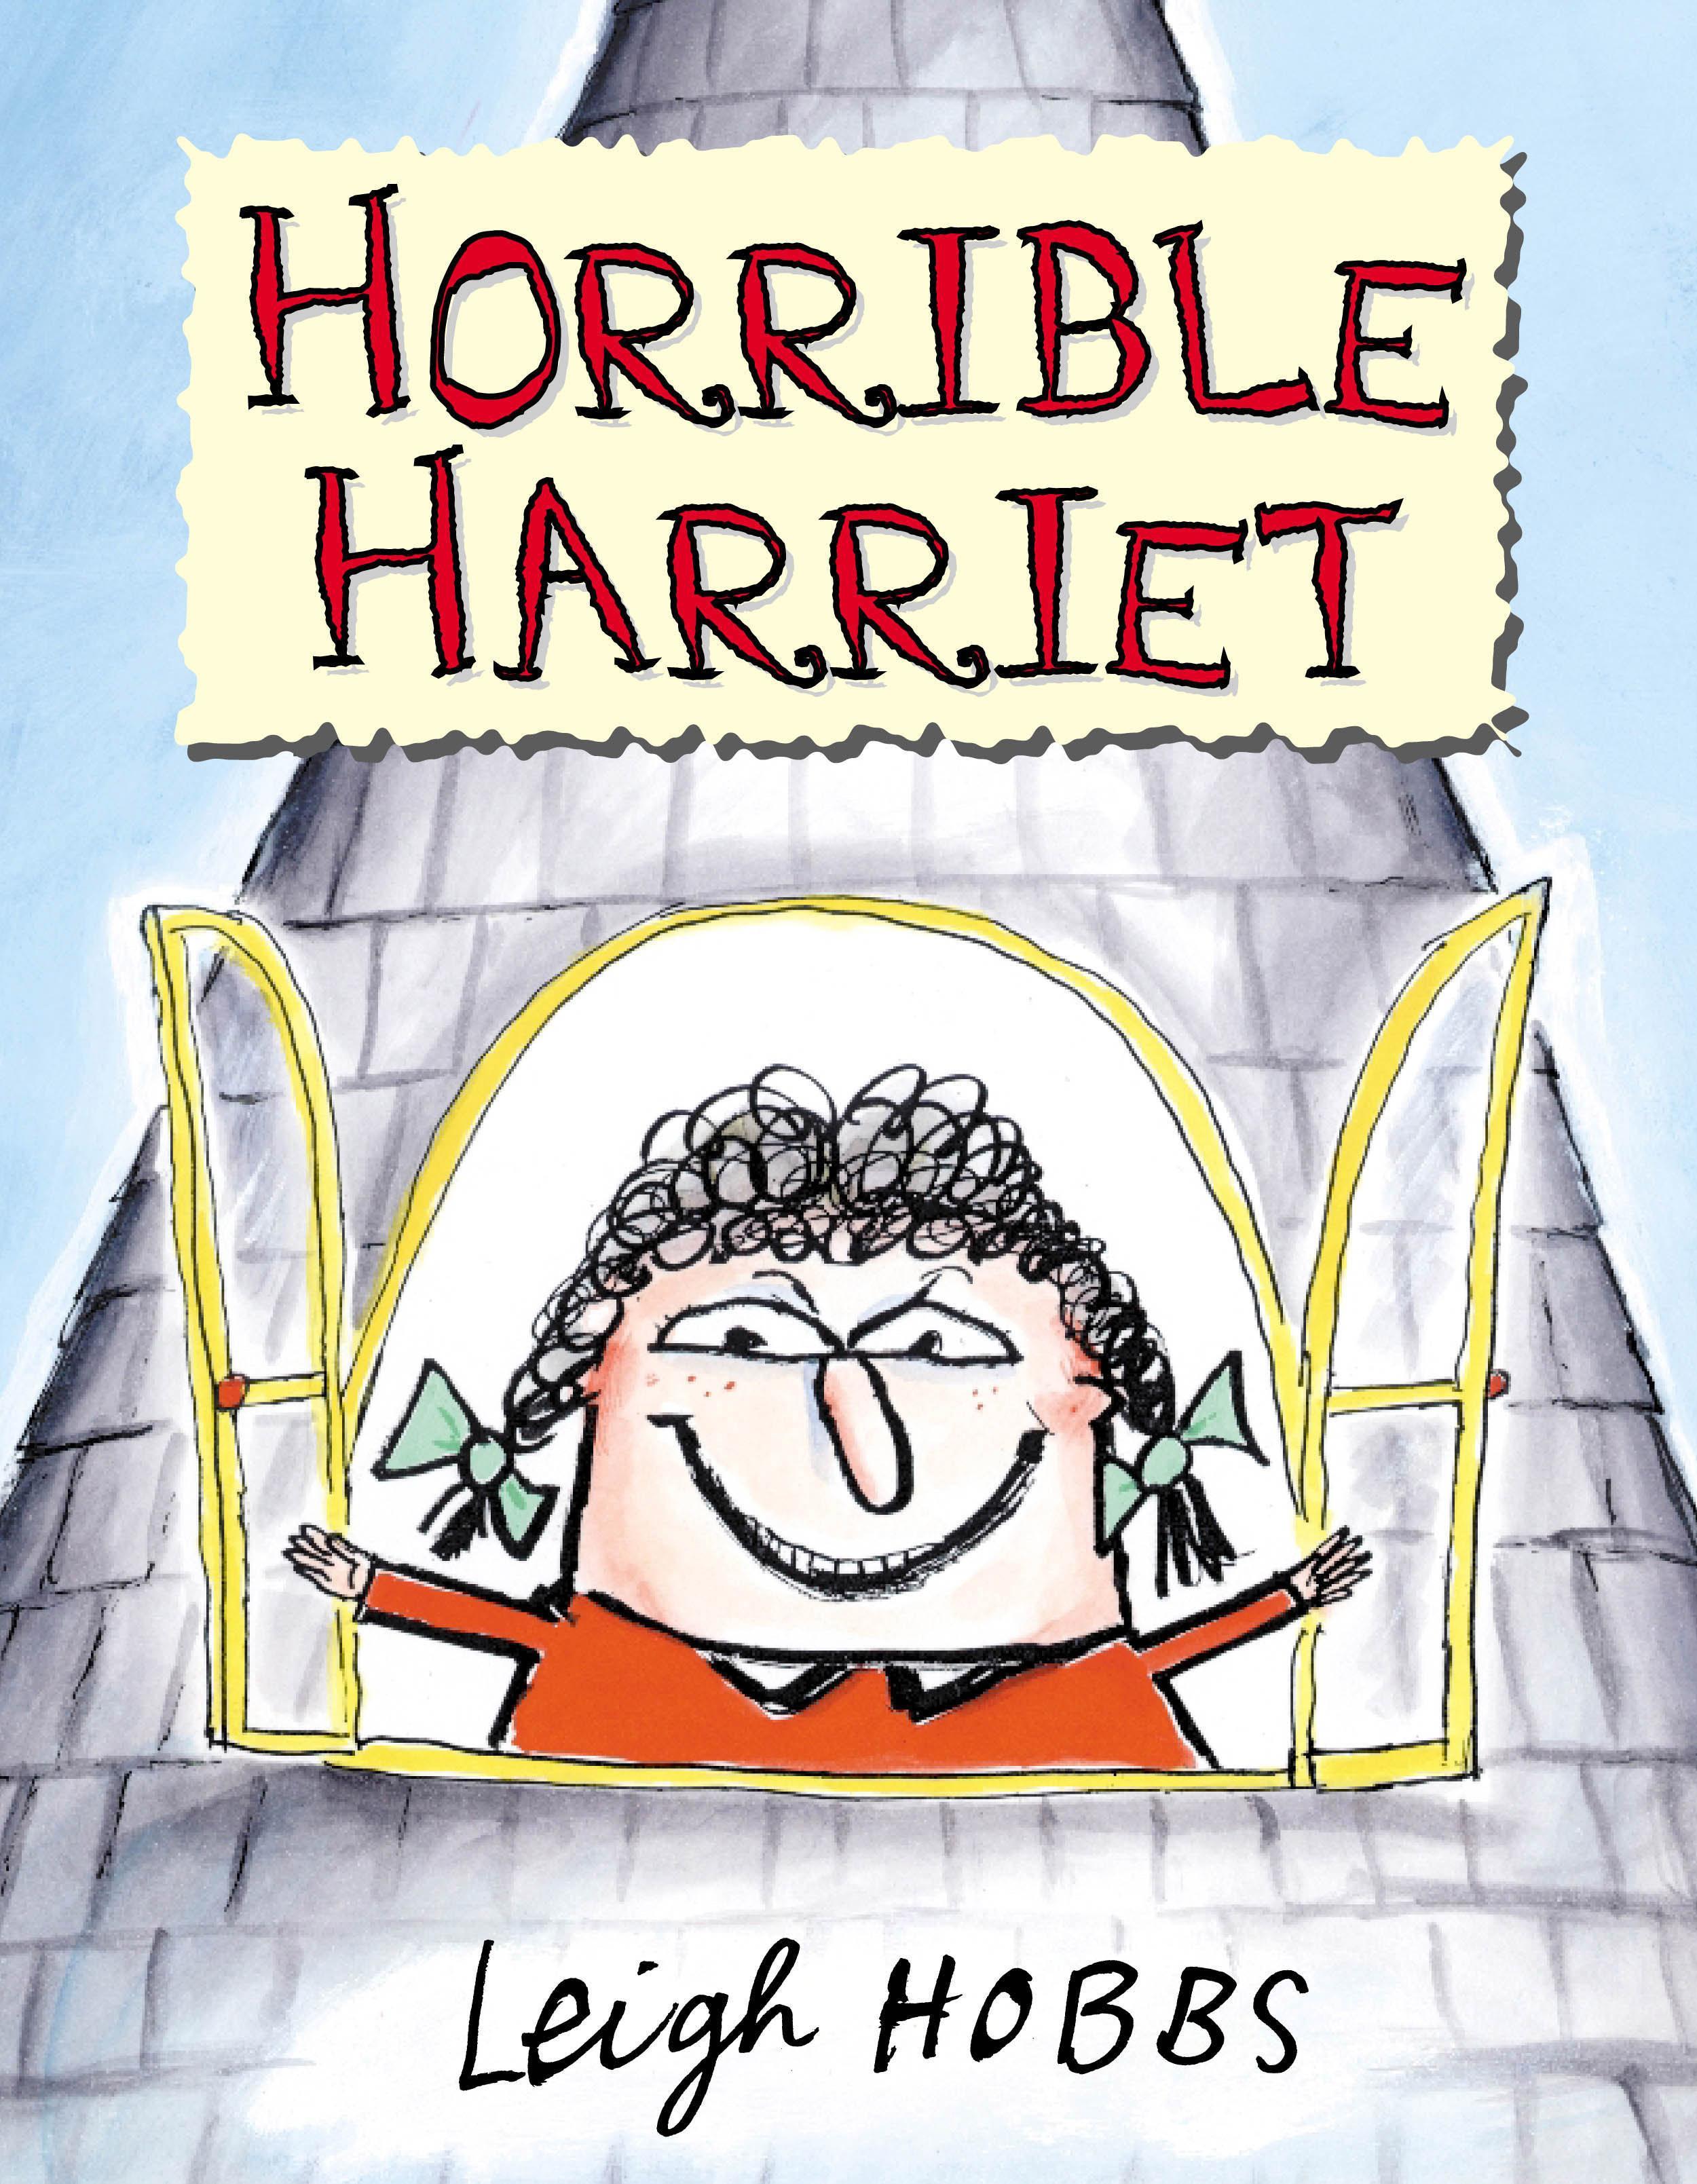 HorribleHarriet